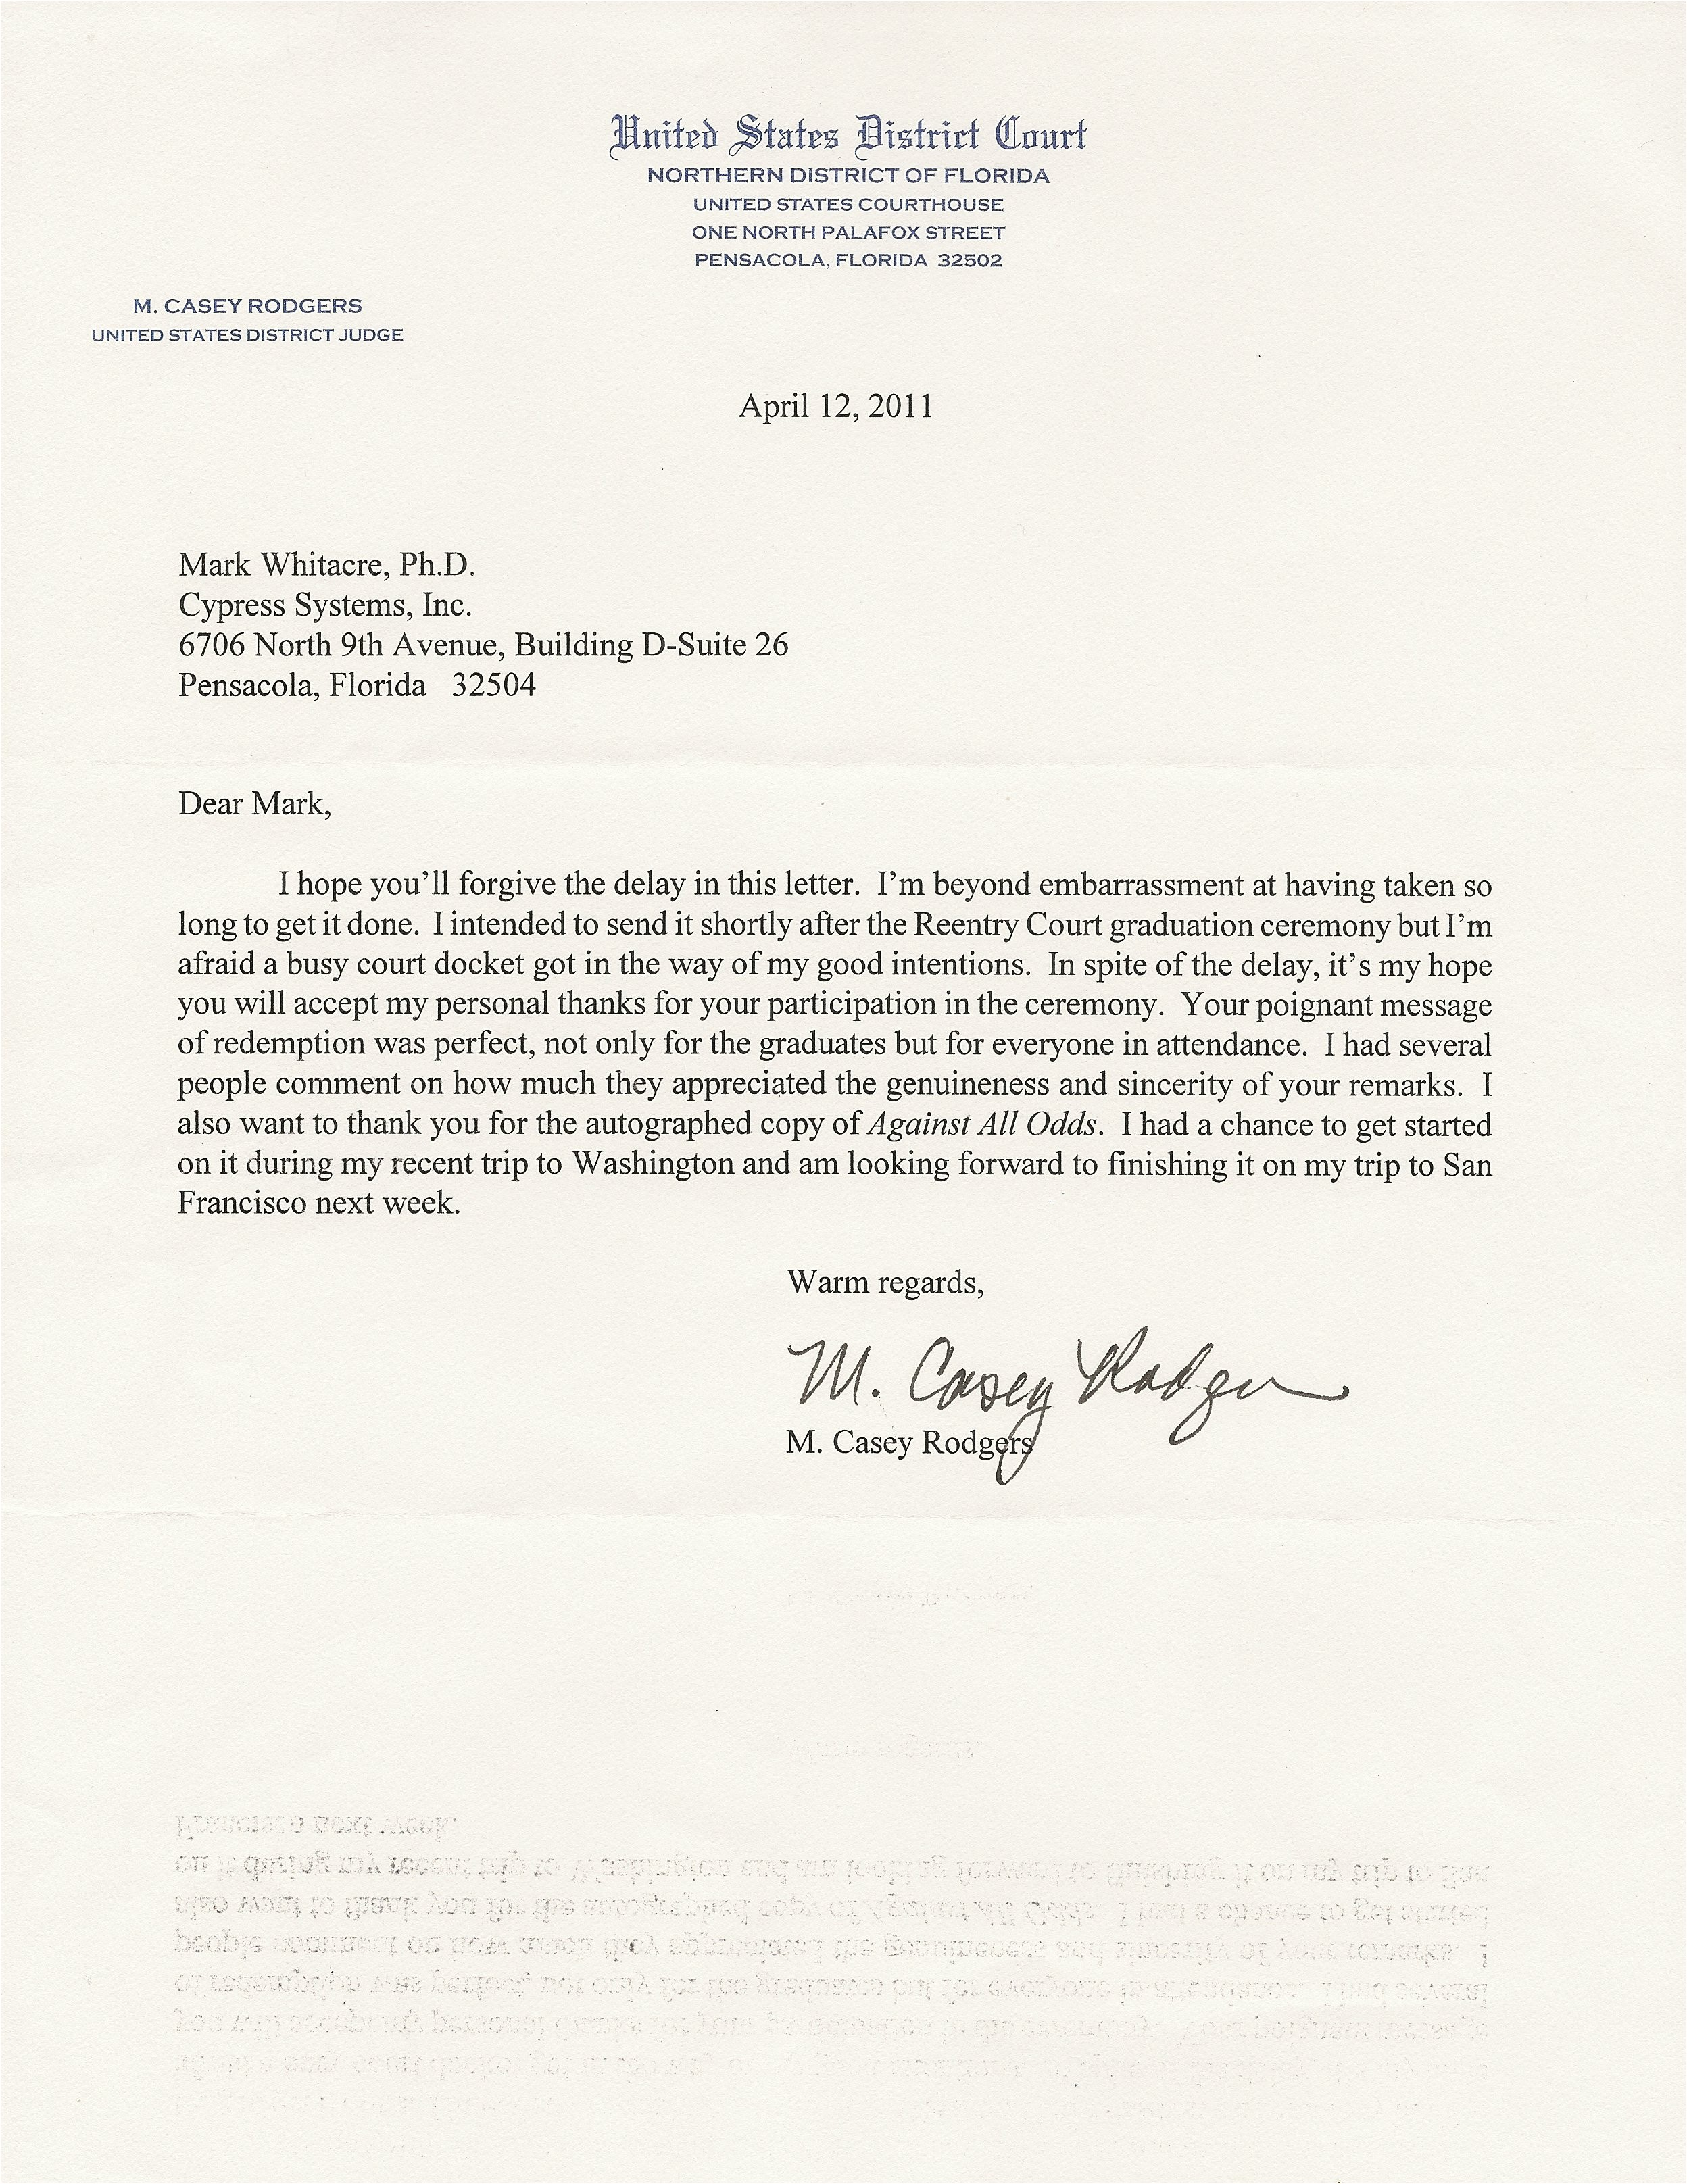 sample invitation letter for commencement speaker